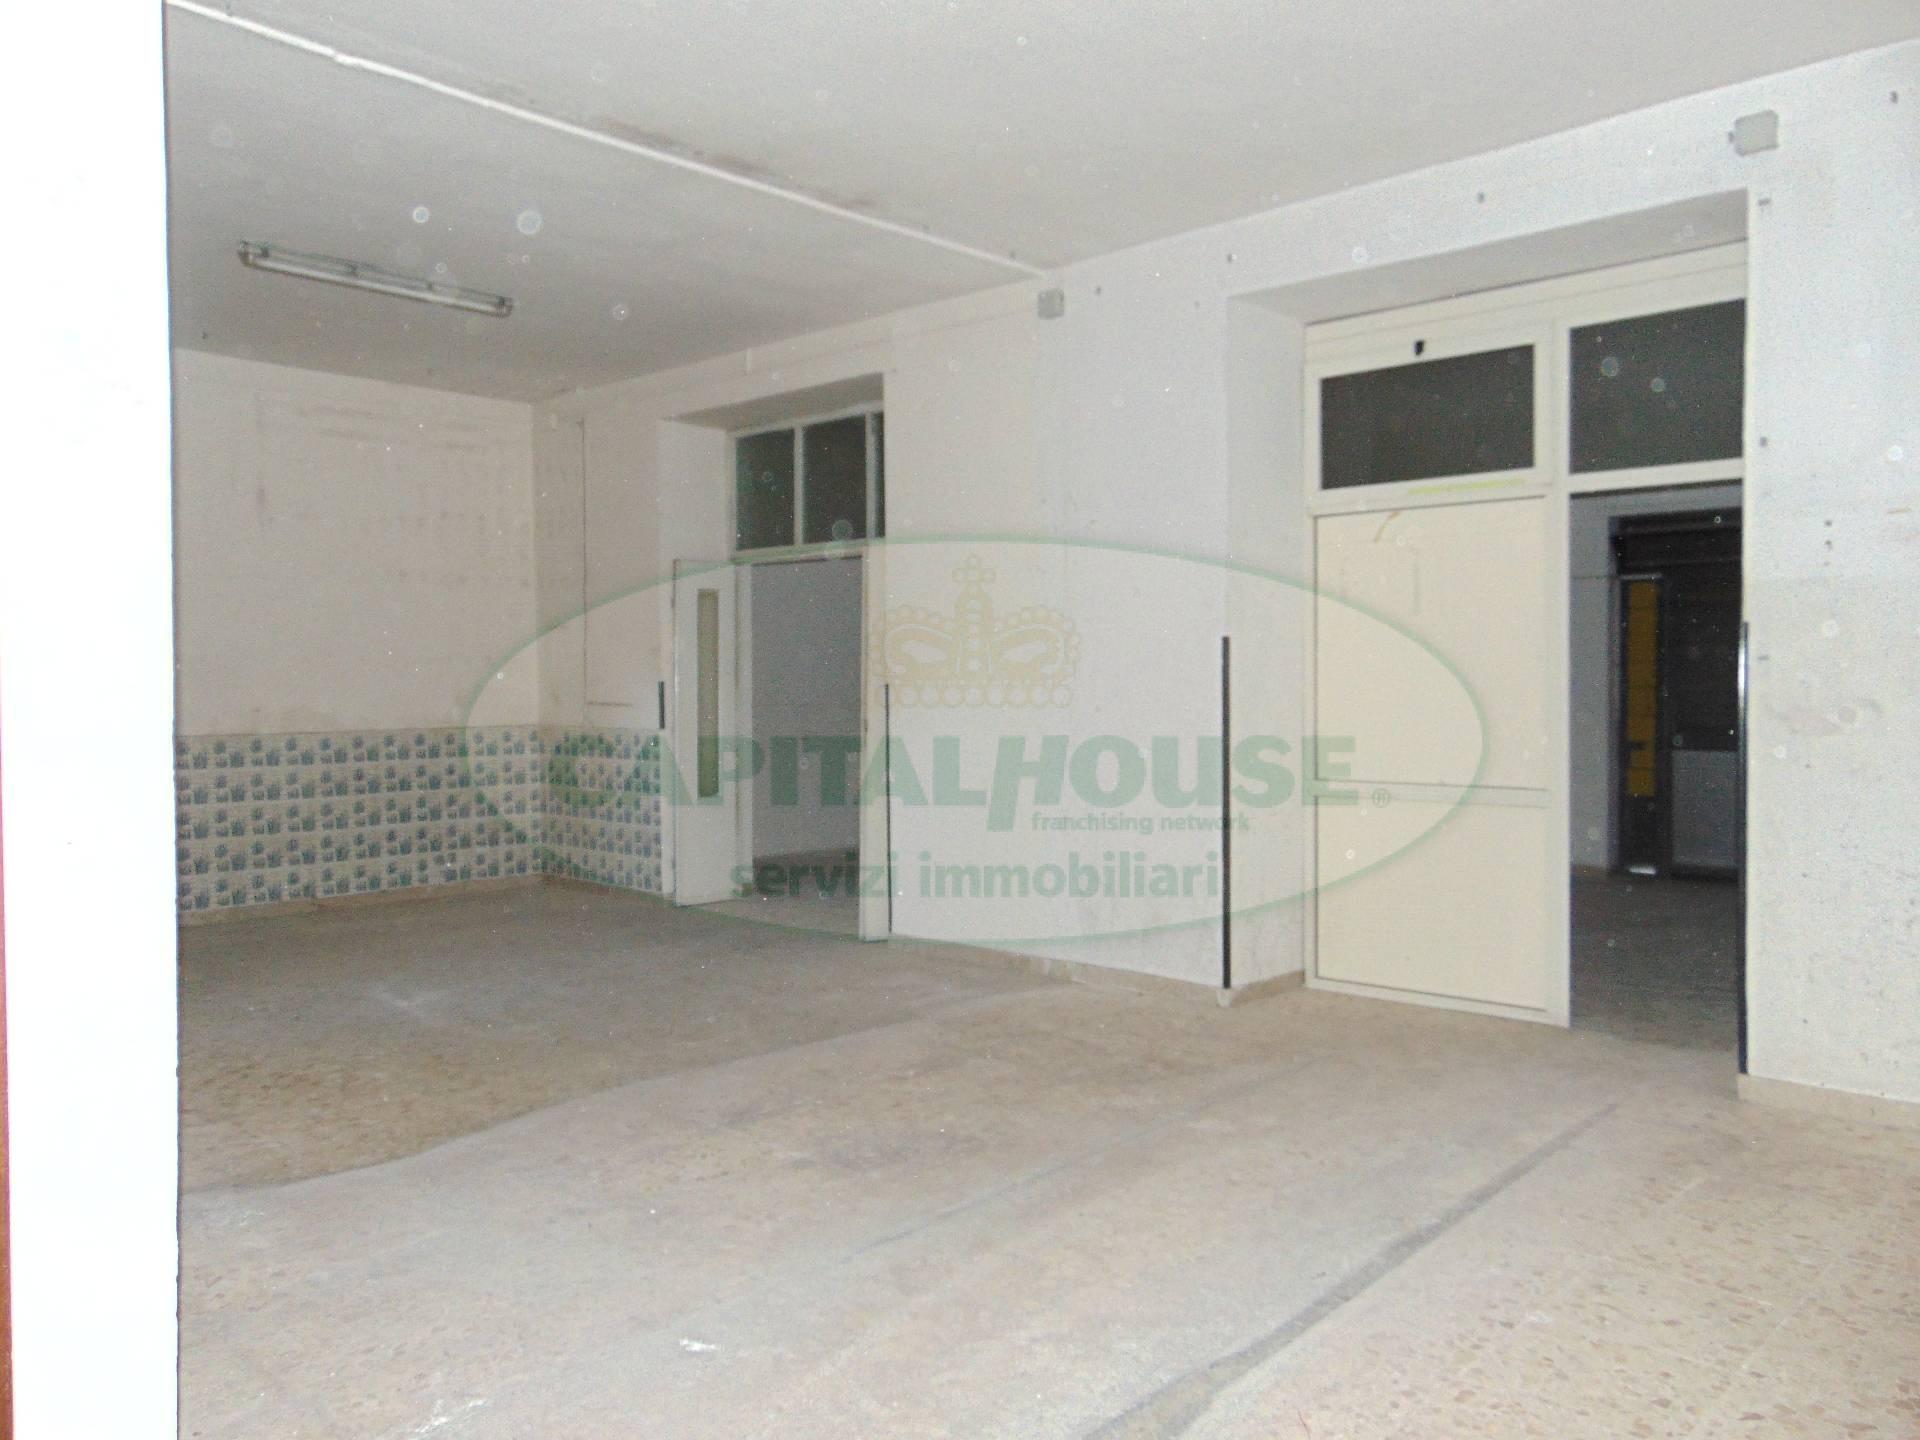 Negozio / Locale in vendita a San Prisco, 9999 locali, zona Località: ZonaCentrale, prezzo € 49.000 | CambioCasa.it